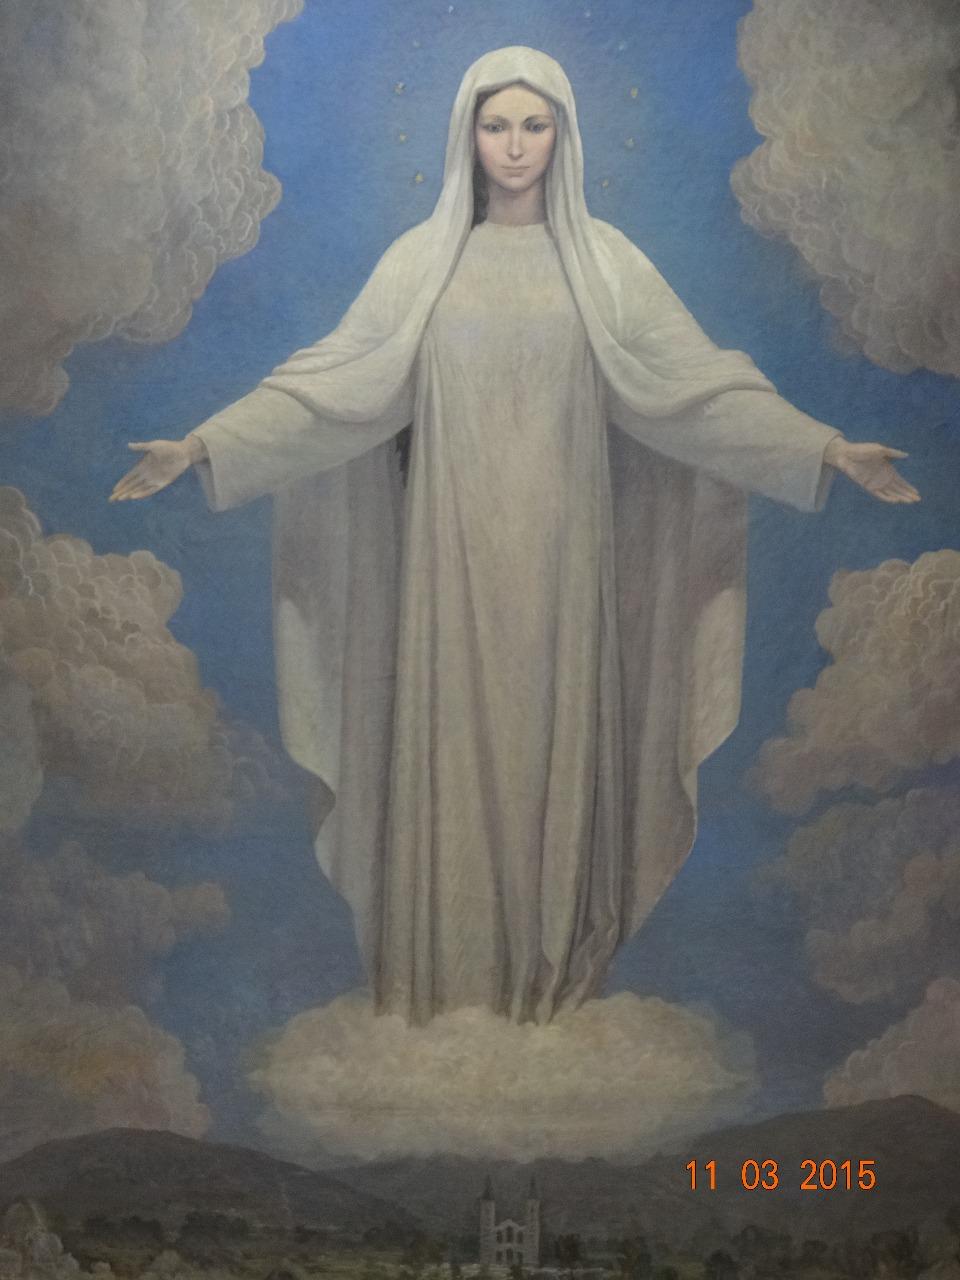 Imagen de Maria tal como la ven los videntes